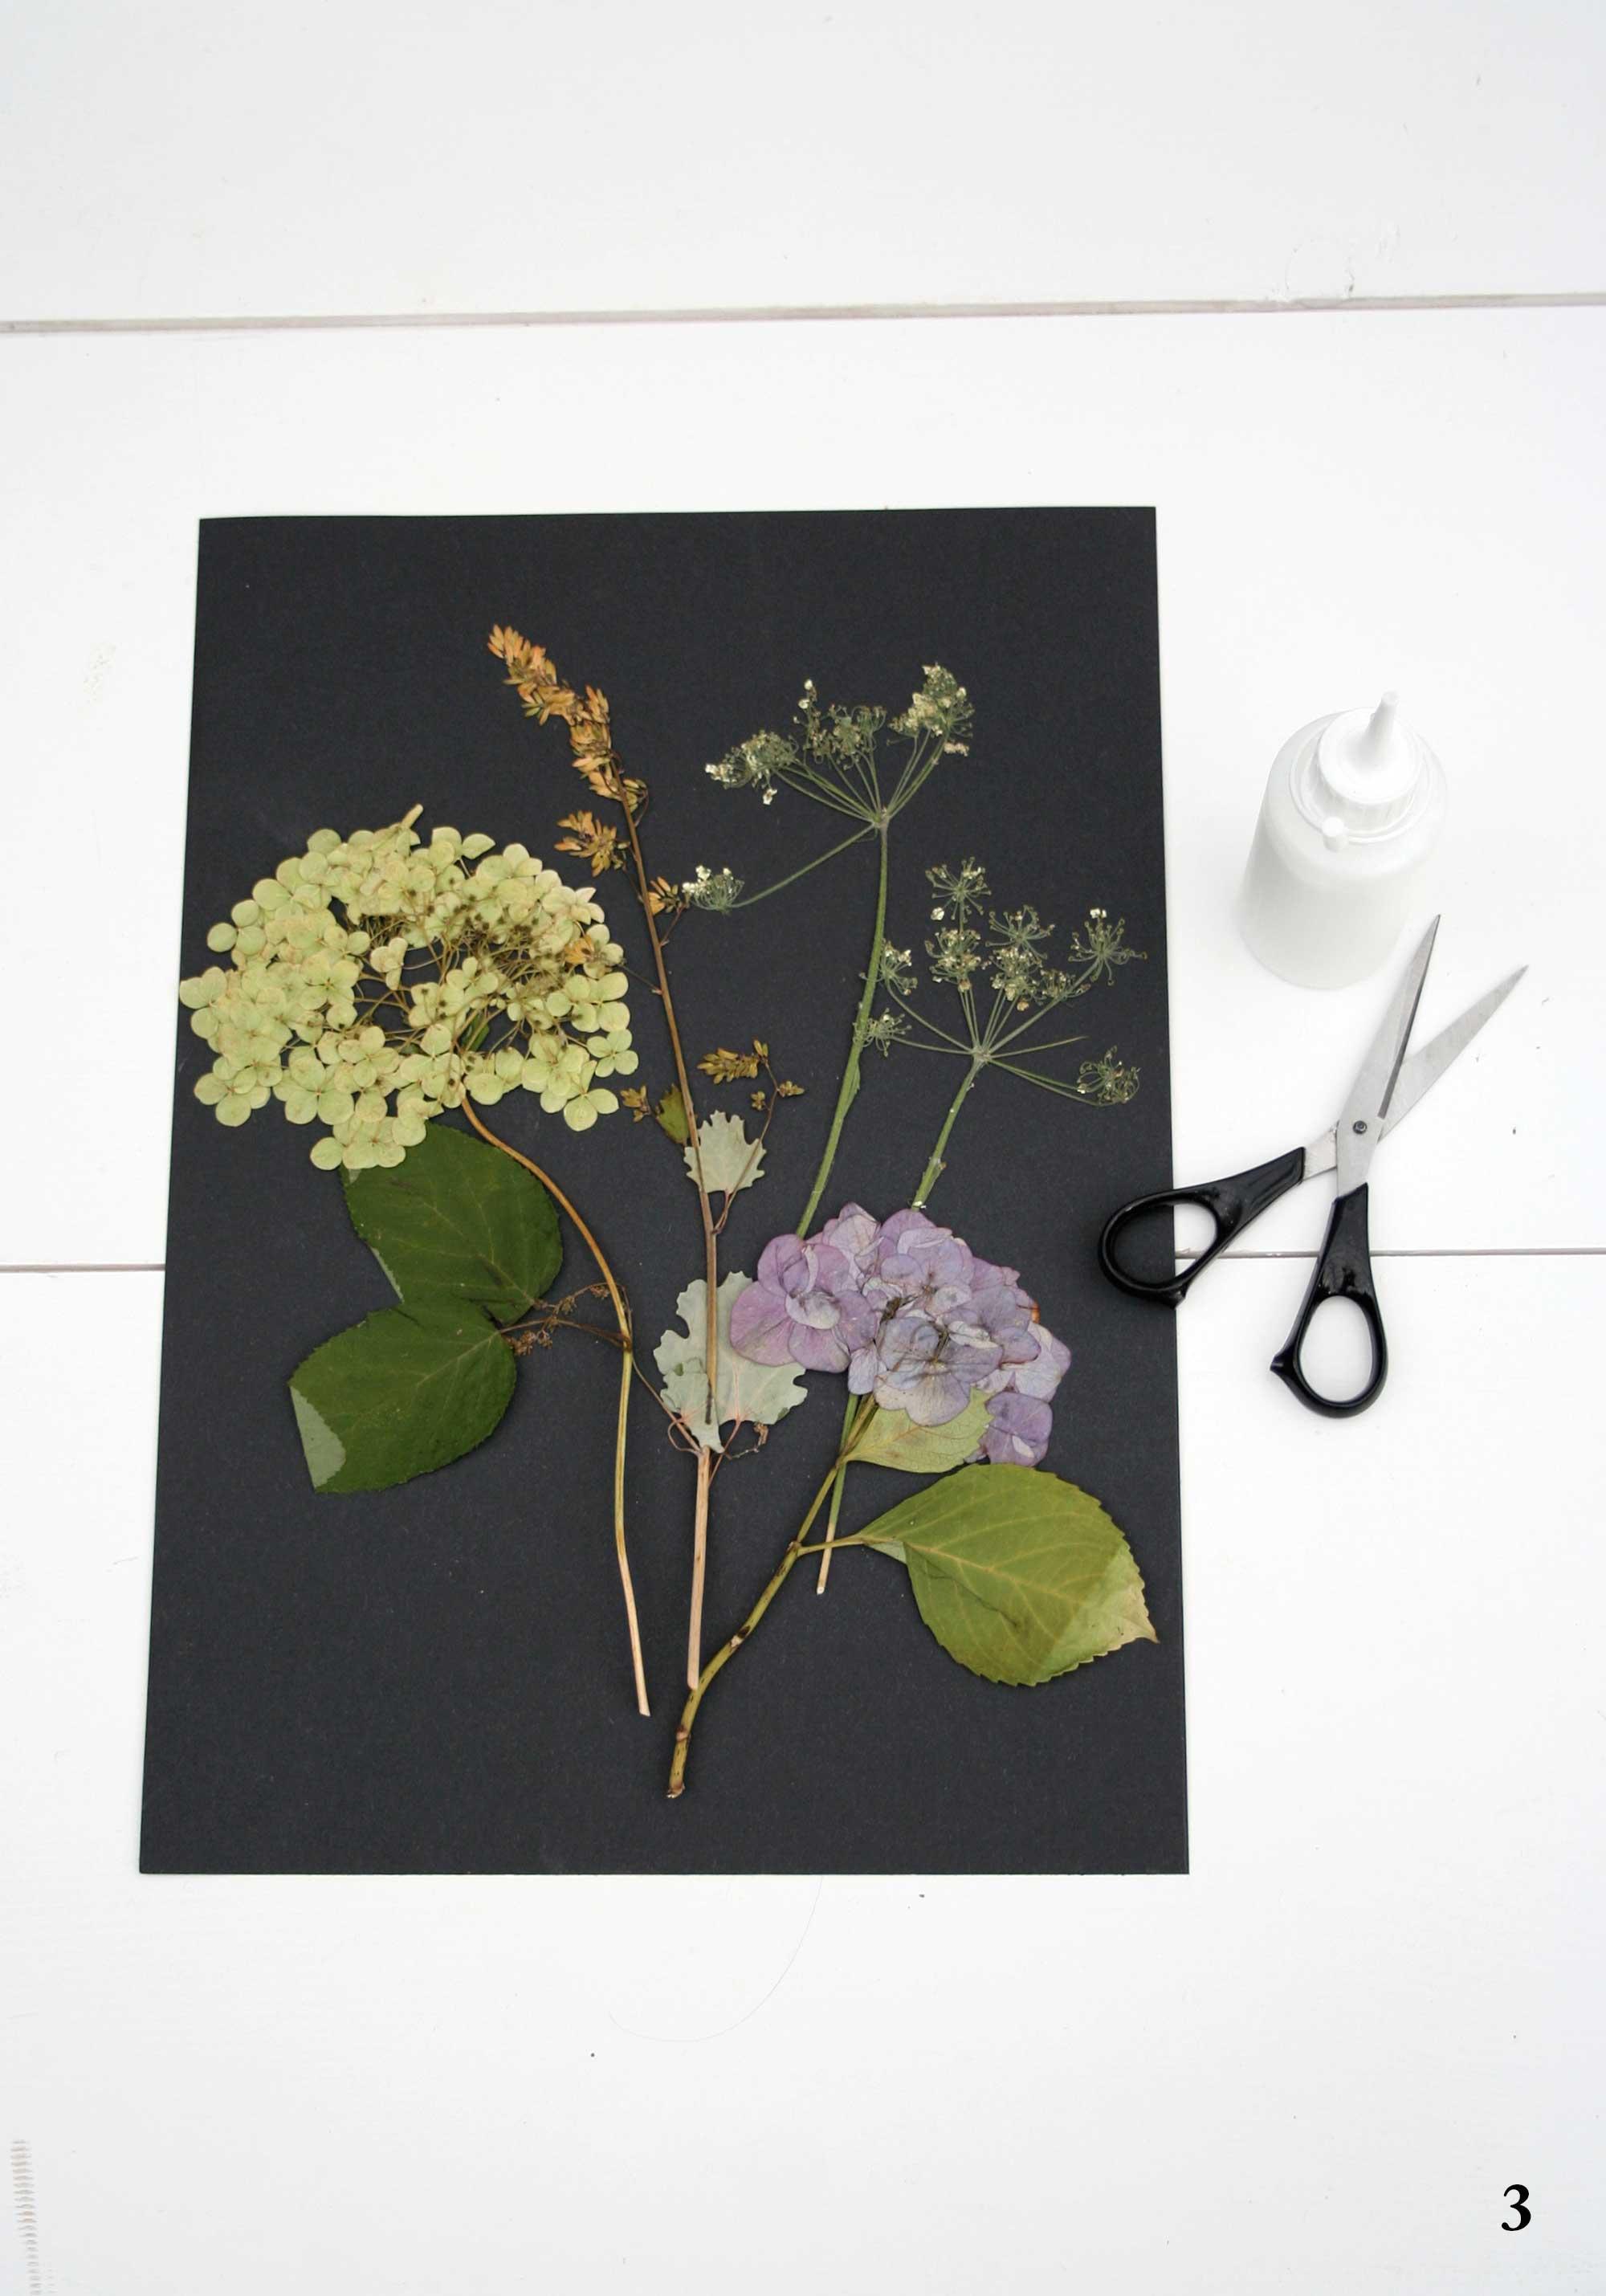 bloemenschilderij maken